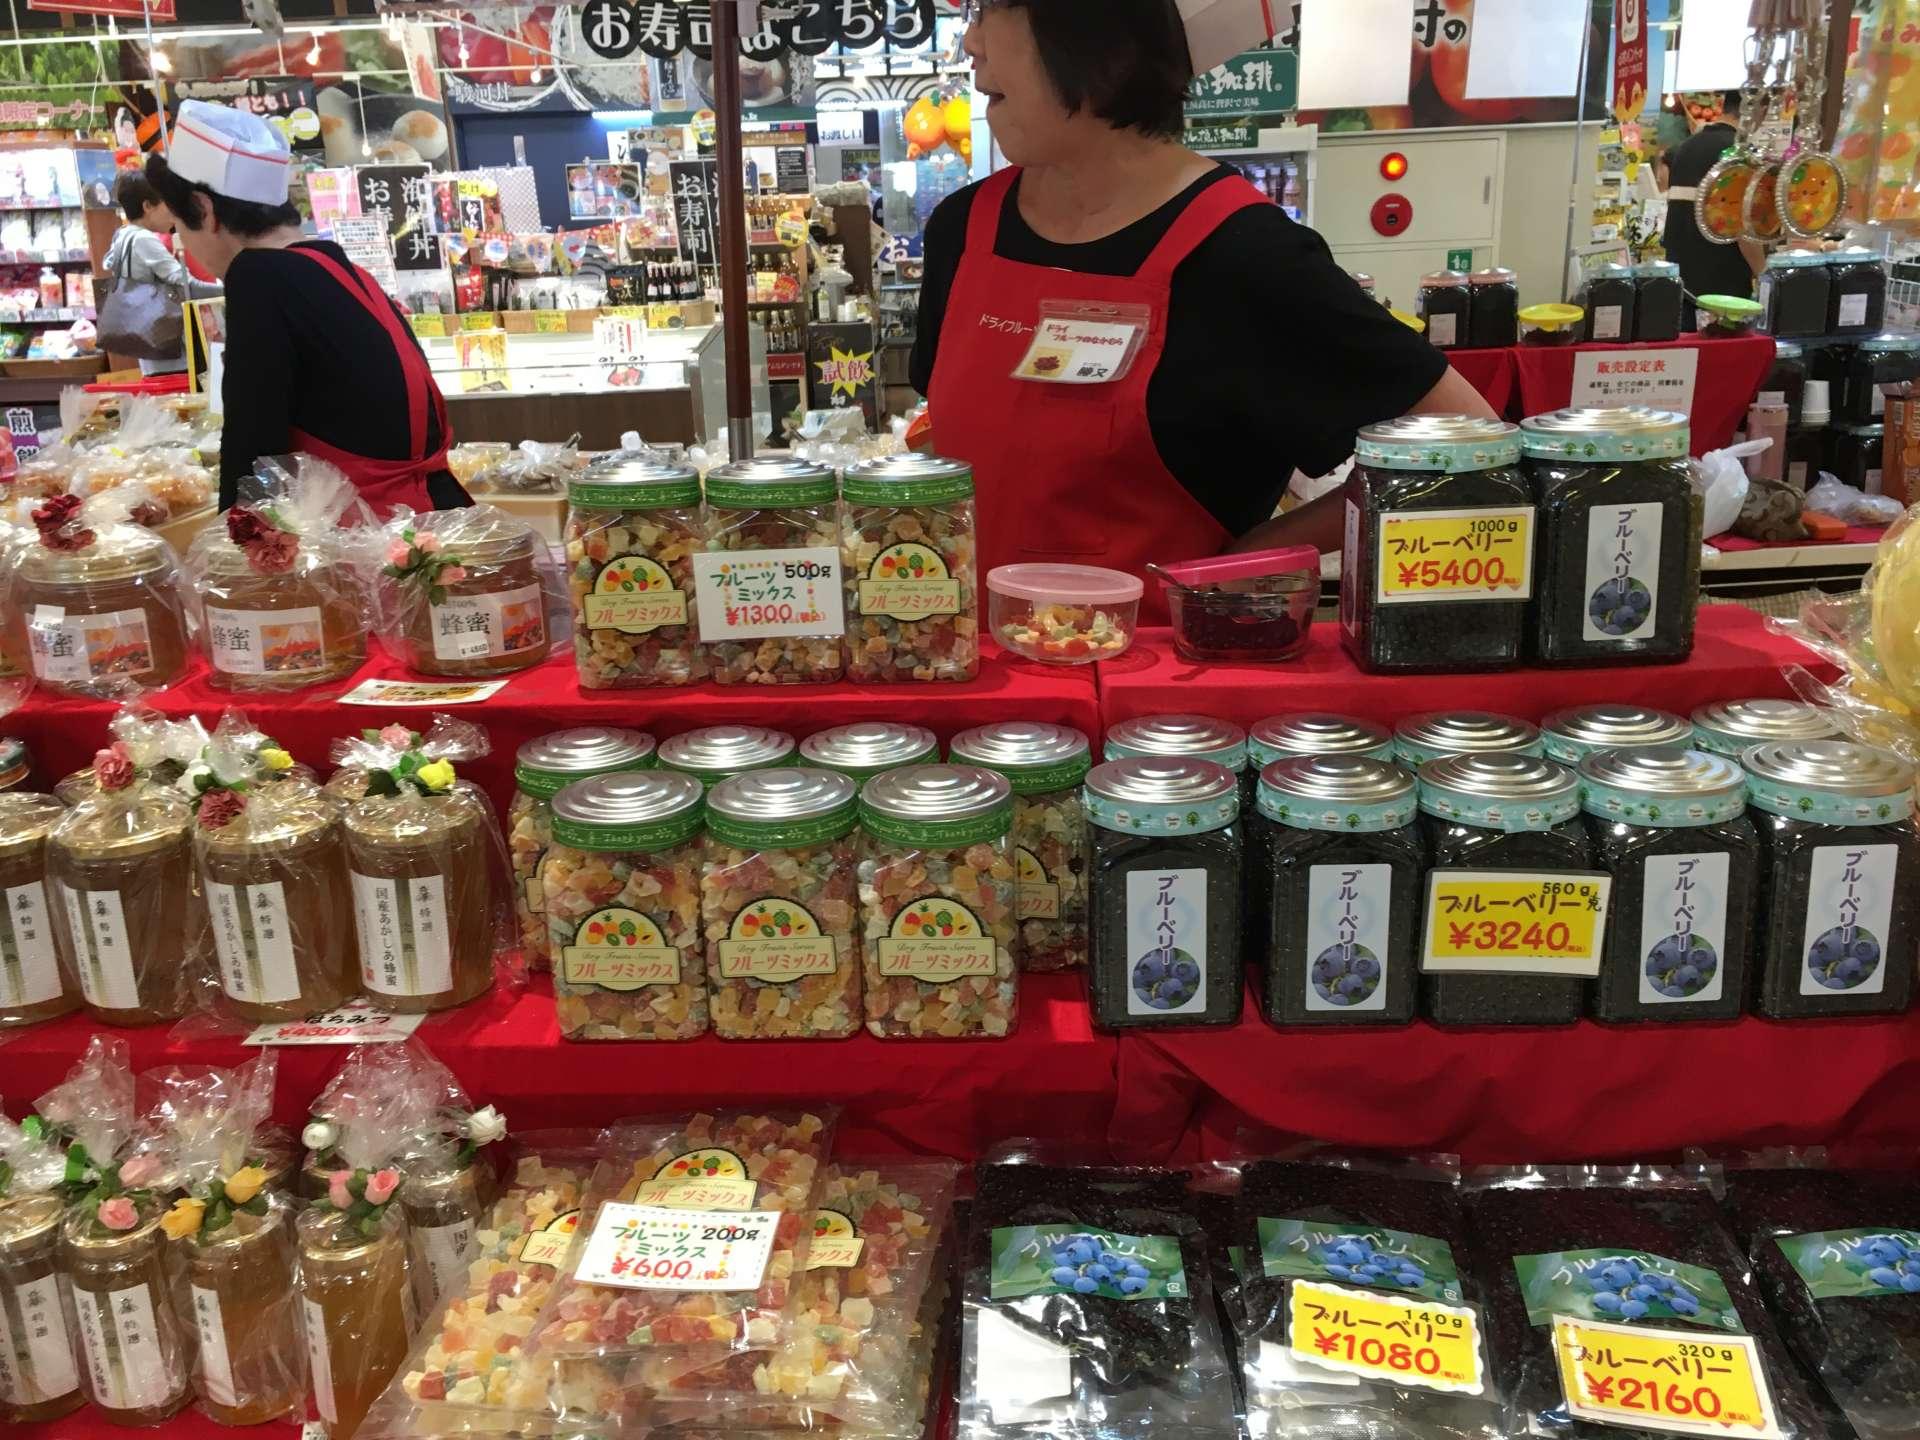 静冈县特有的各种商品